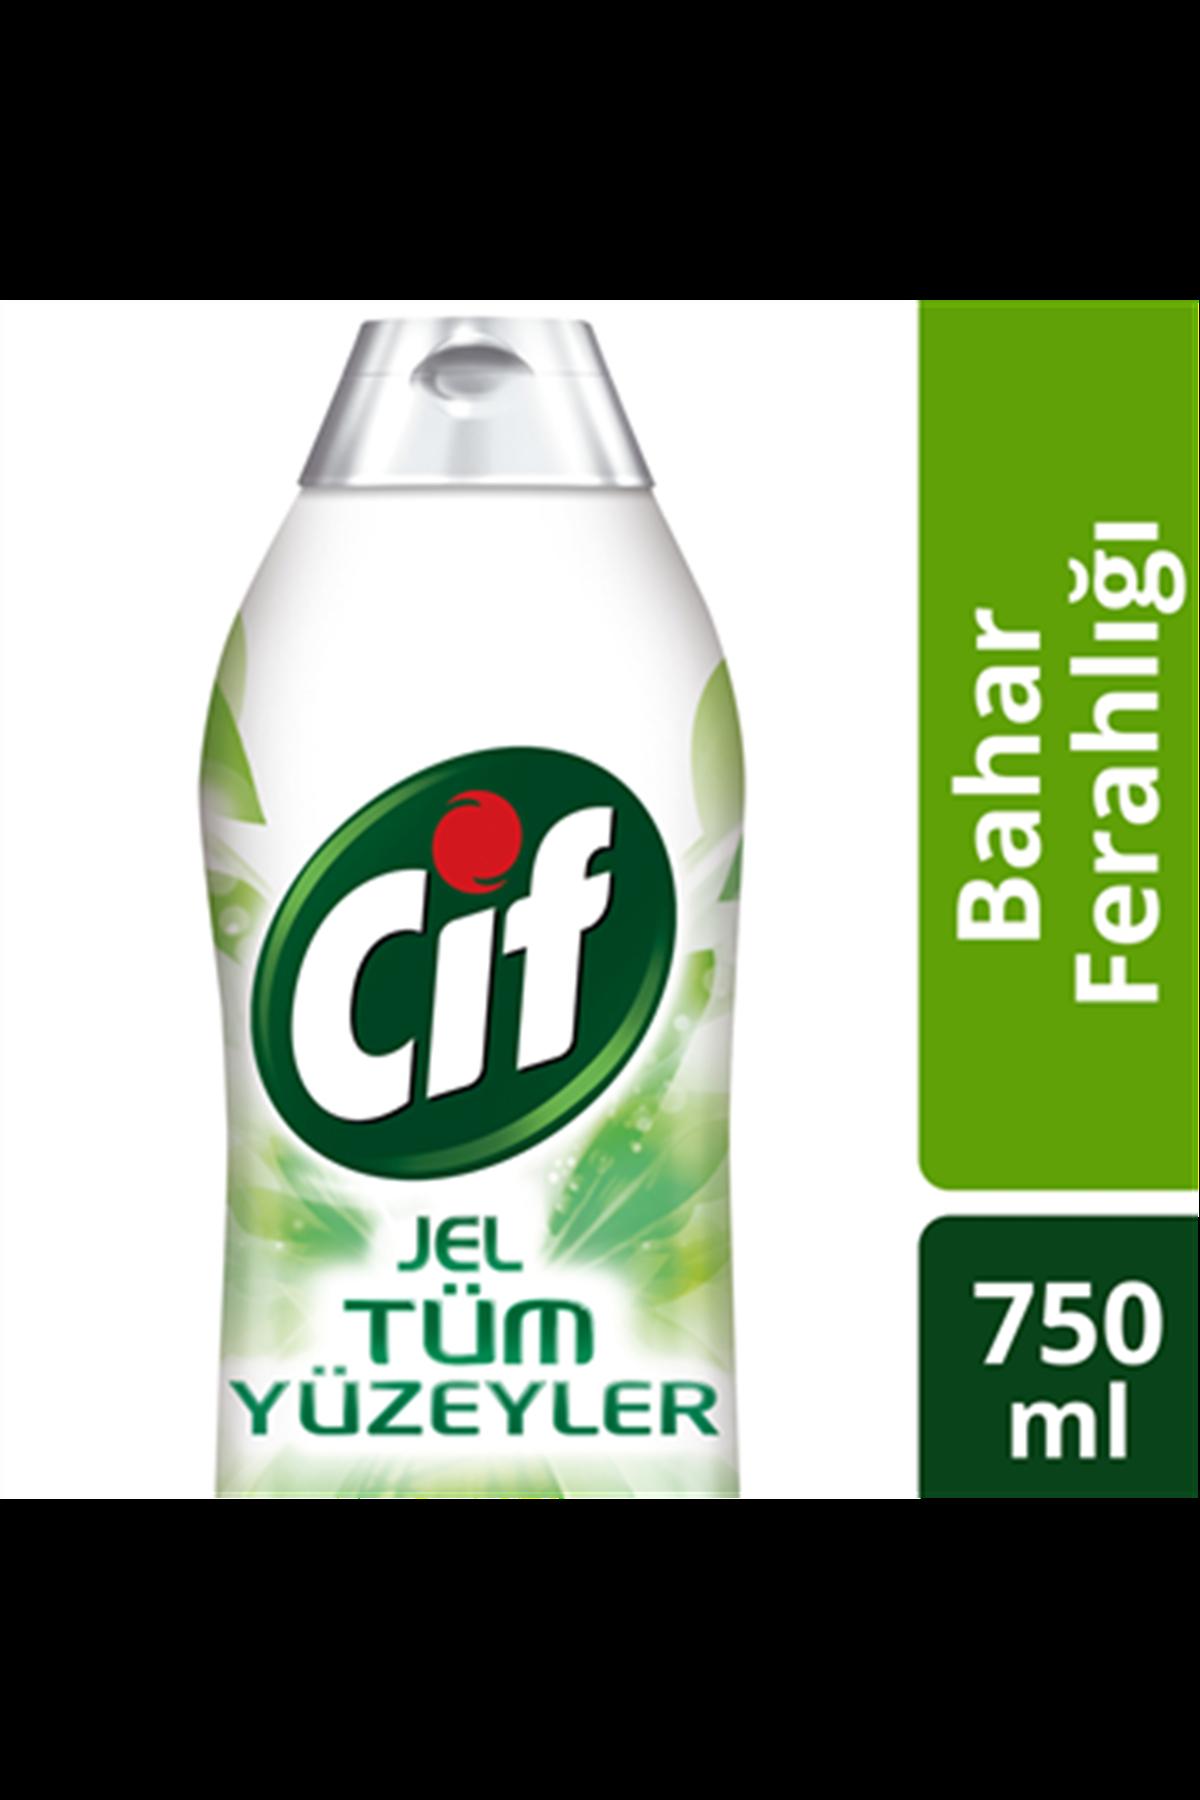 Cif Tüm Yüzeyler Bahar Ferahlığı Banyo & Mutfak 750 ml